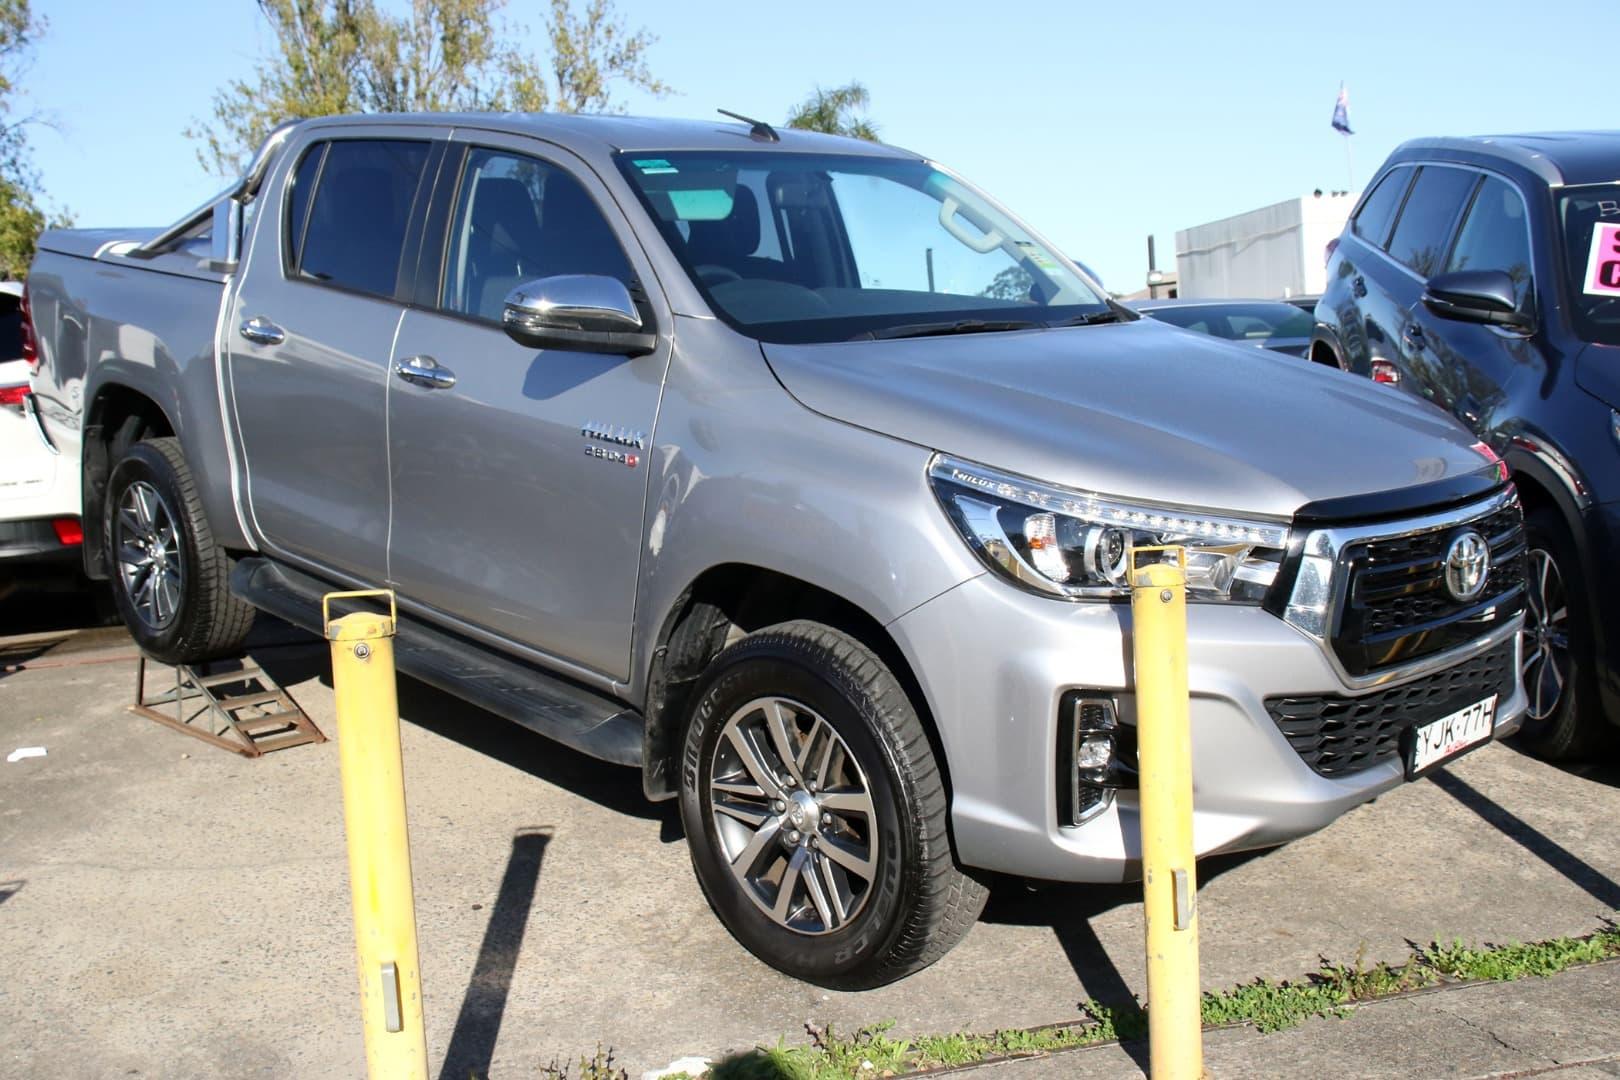 2019 Toyota Hilux SR5 Auto 4x4 Double Cab - image 1